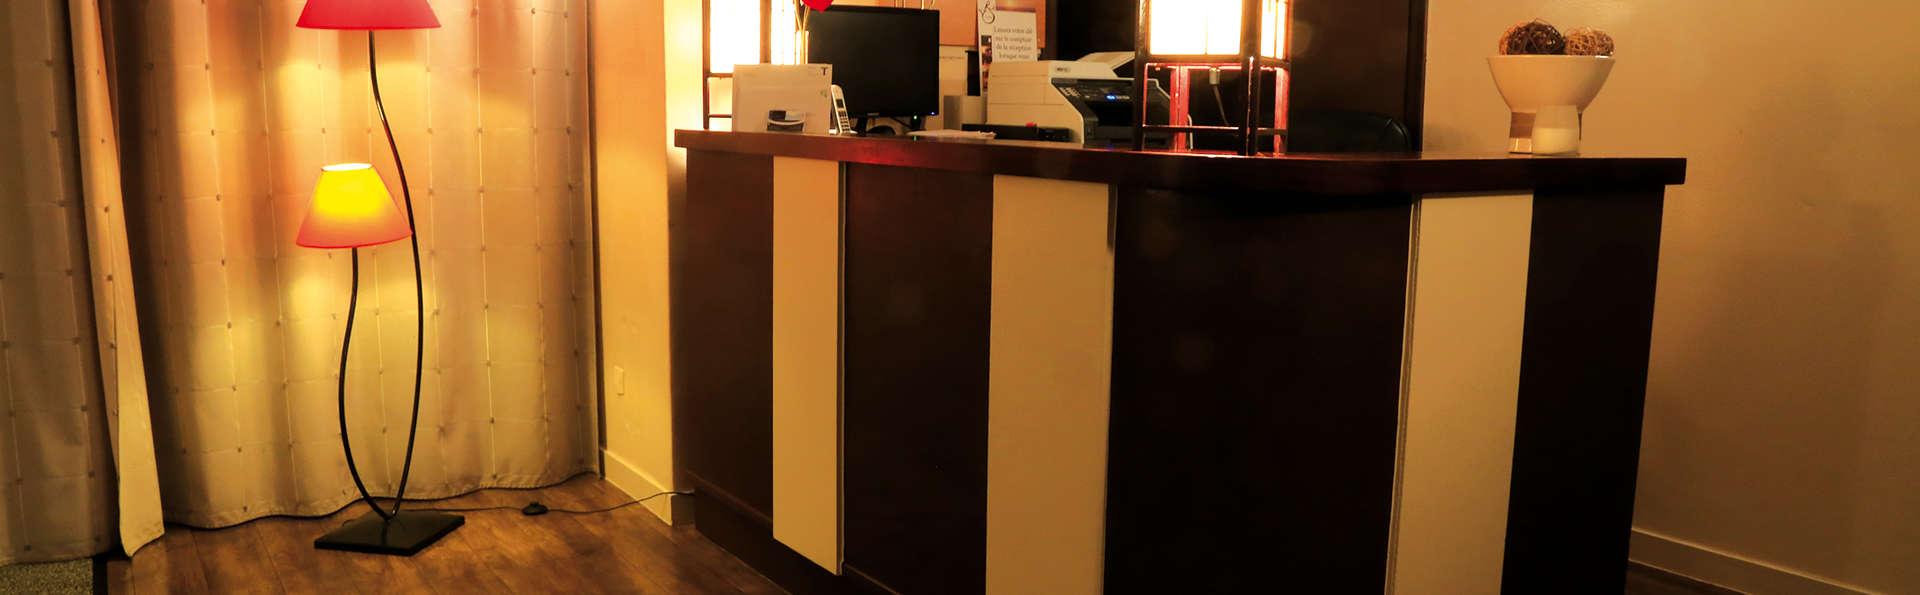 Hôtel Restaurant La Sirene - Edit_Reception.jpg